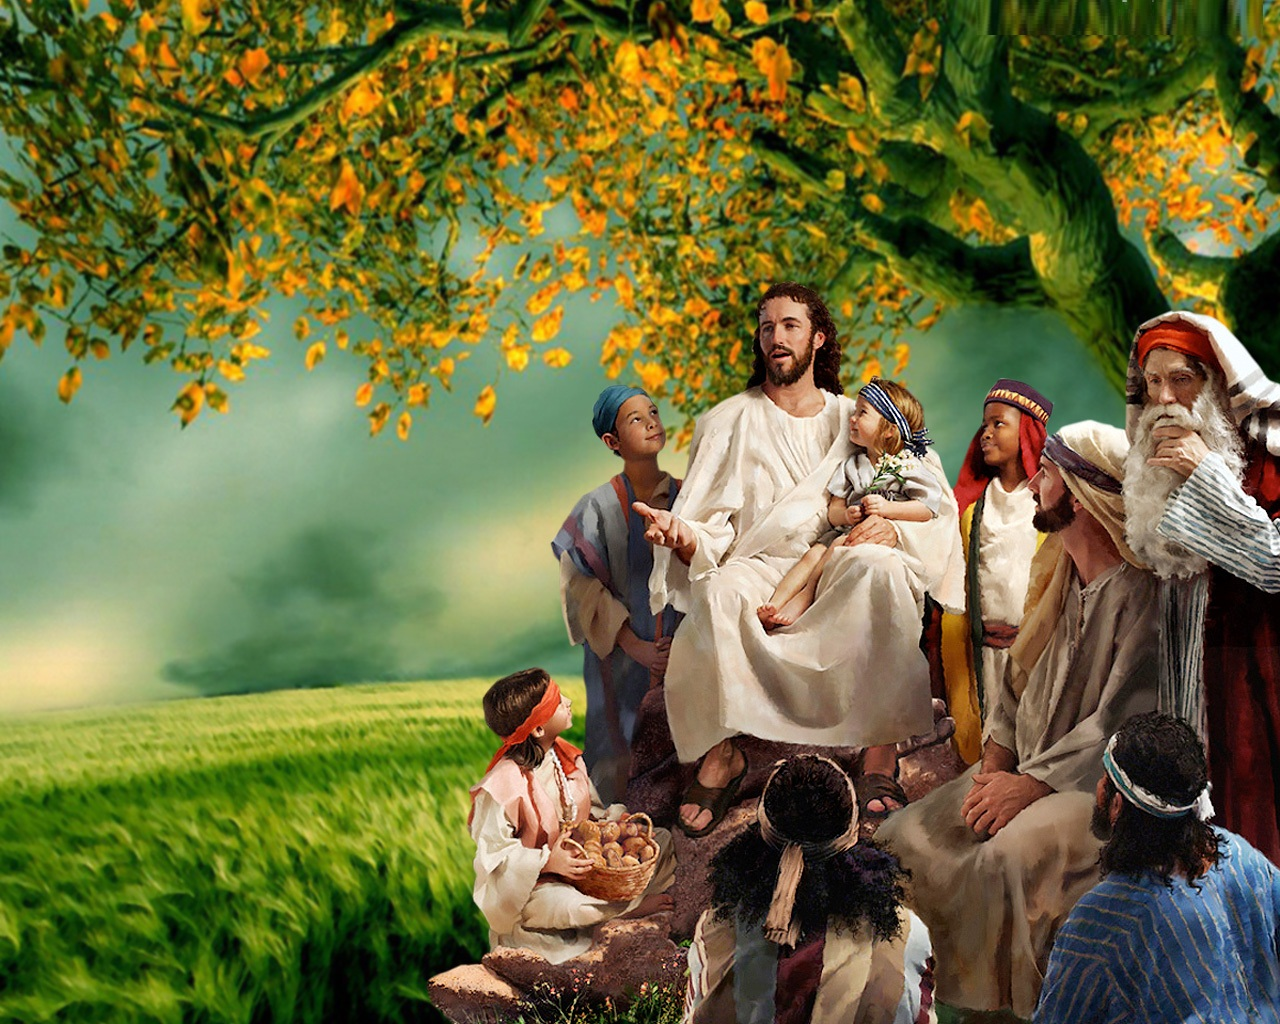 Jesus Hd Wallpapers 1080p Wallpapersafari